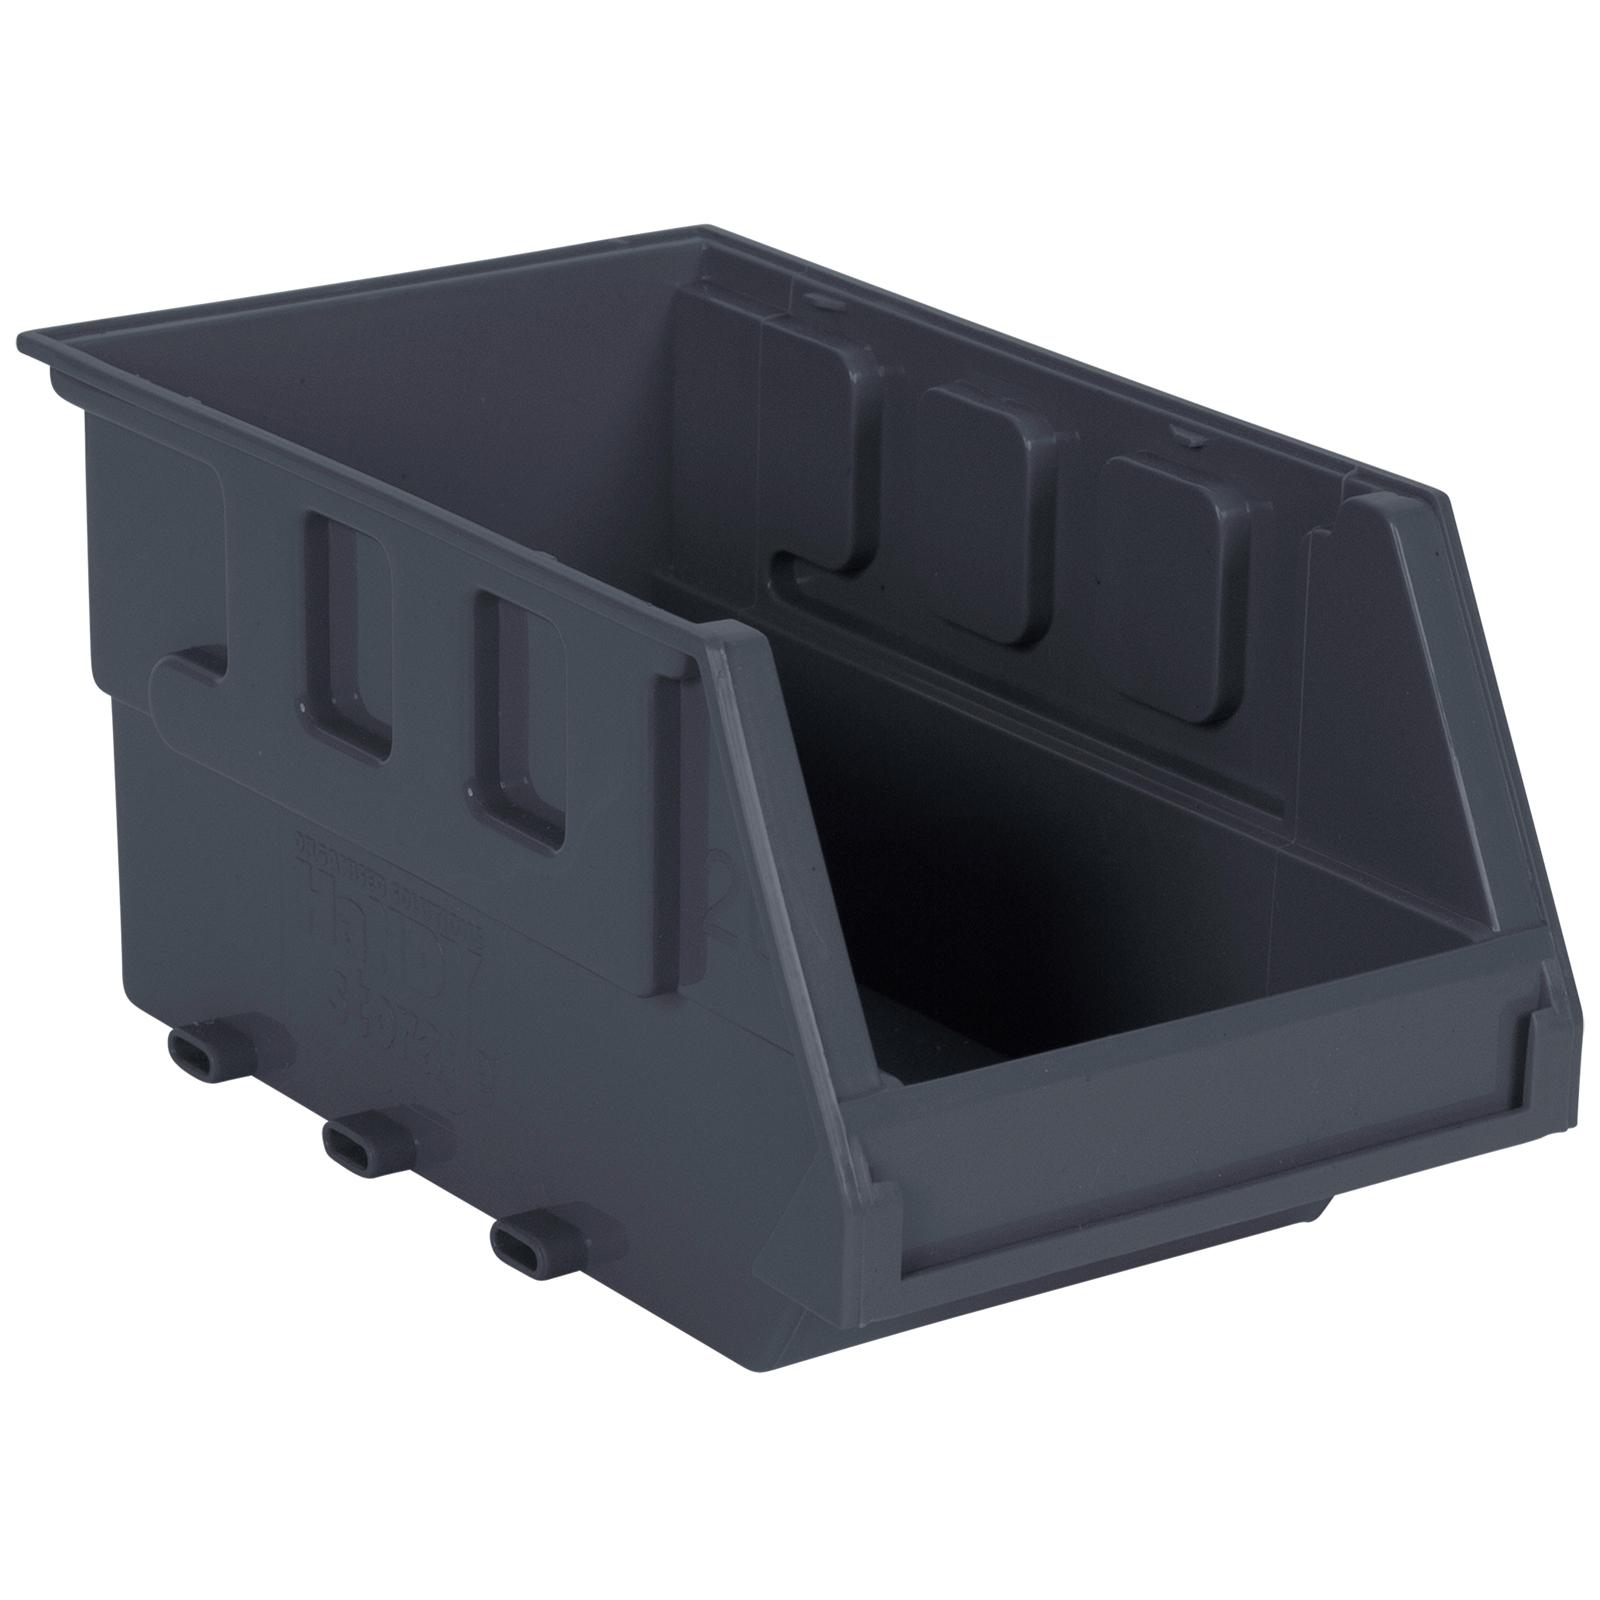 Handy Storage Size 20 Grey Plastic Storage Tote